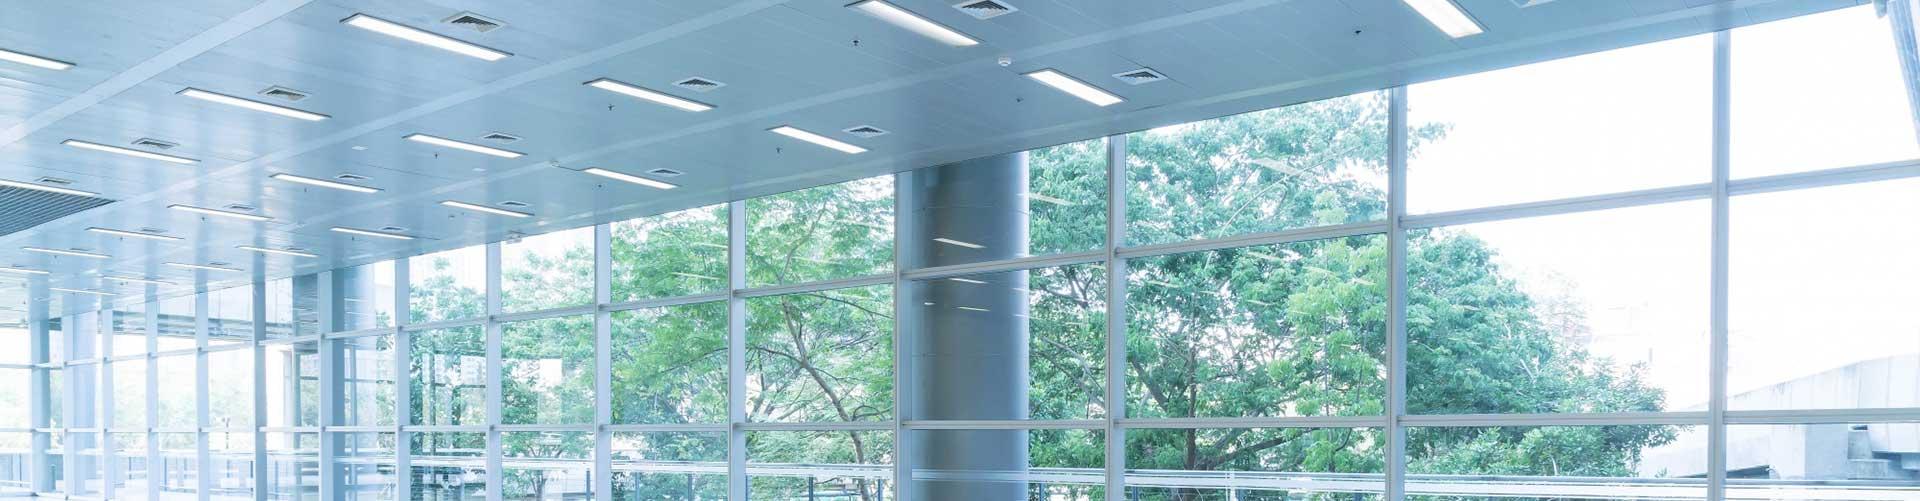 office_window